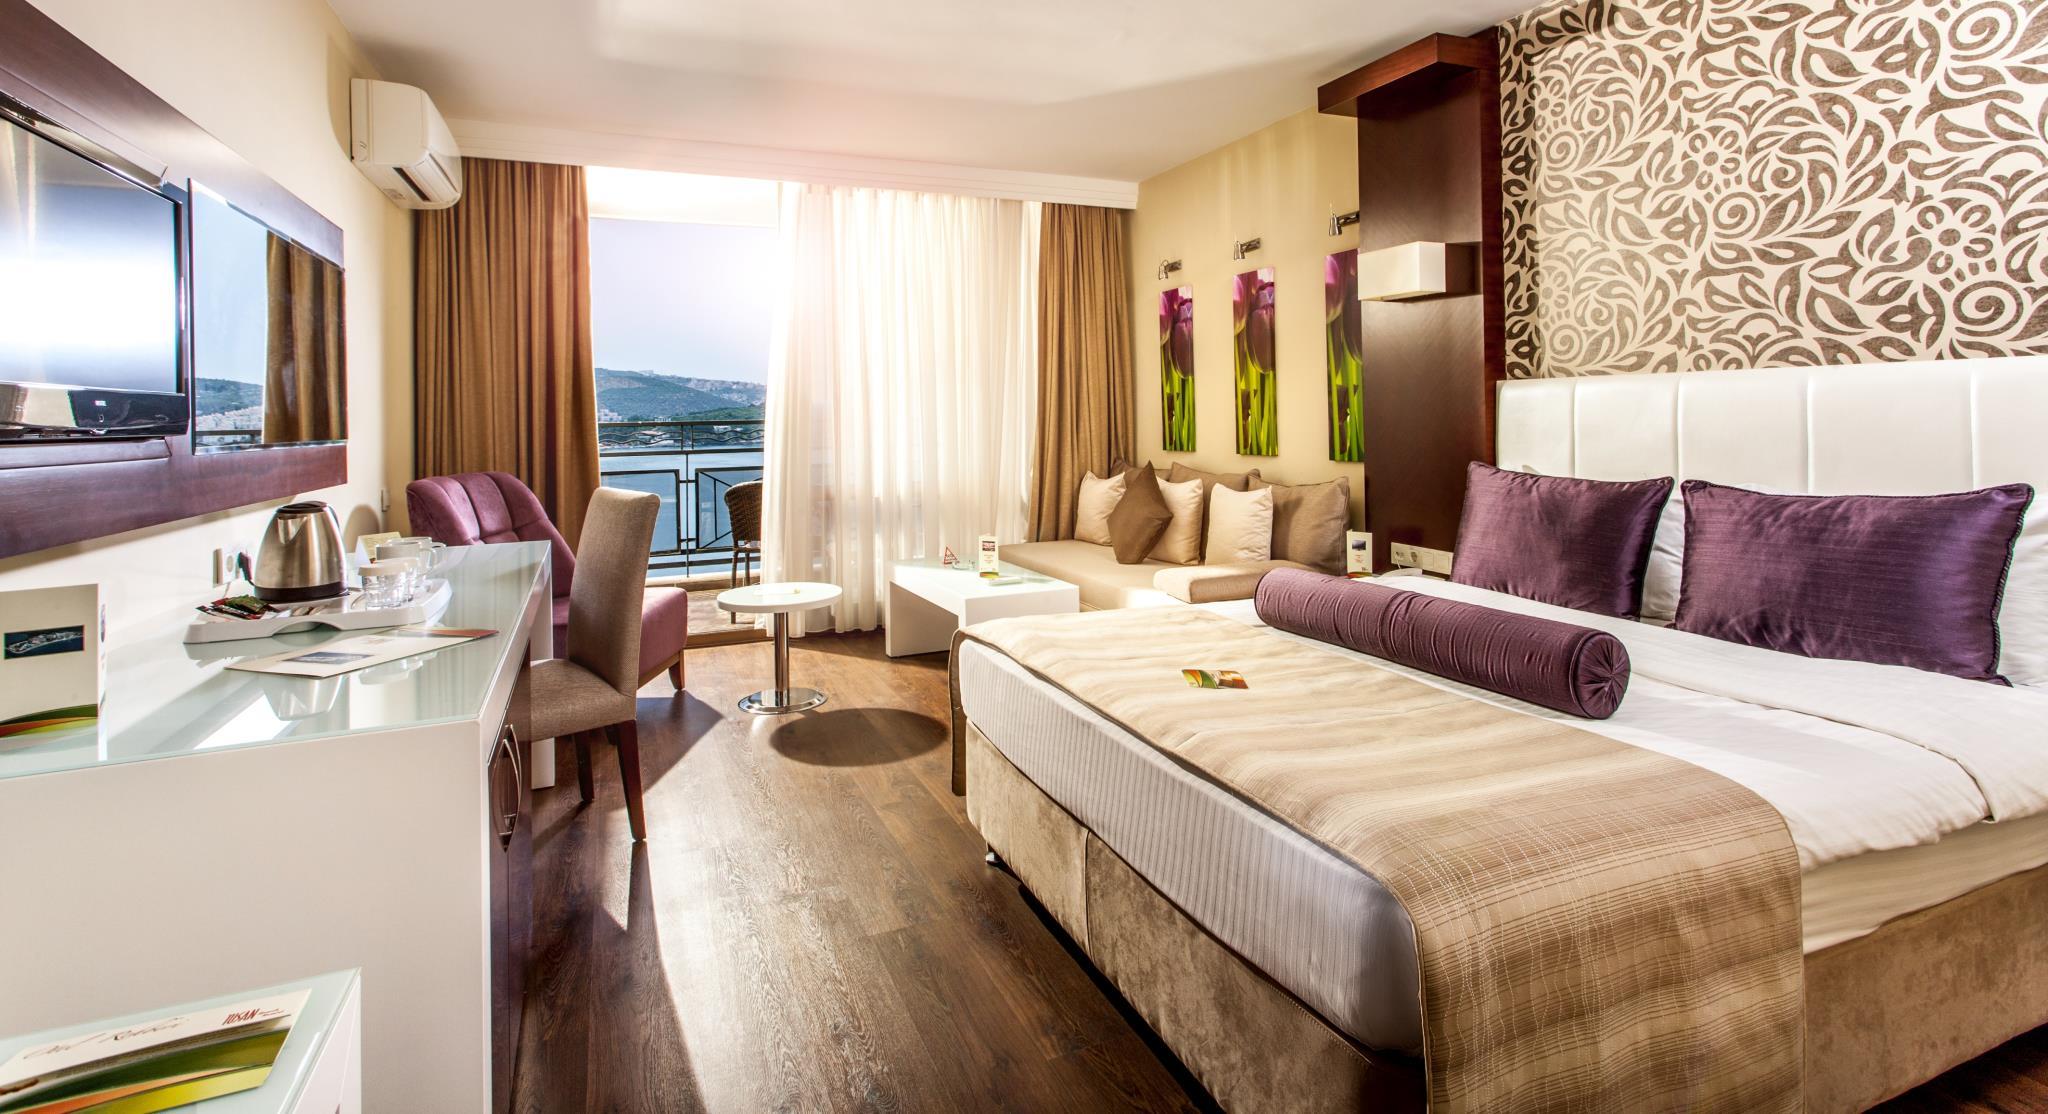 هتل توسان بیچ ریزرت کوش آداسی